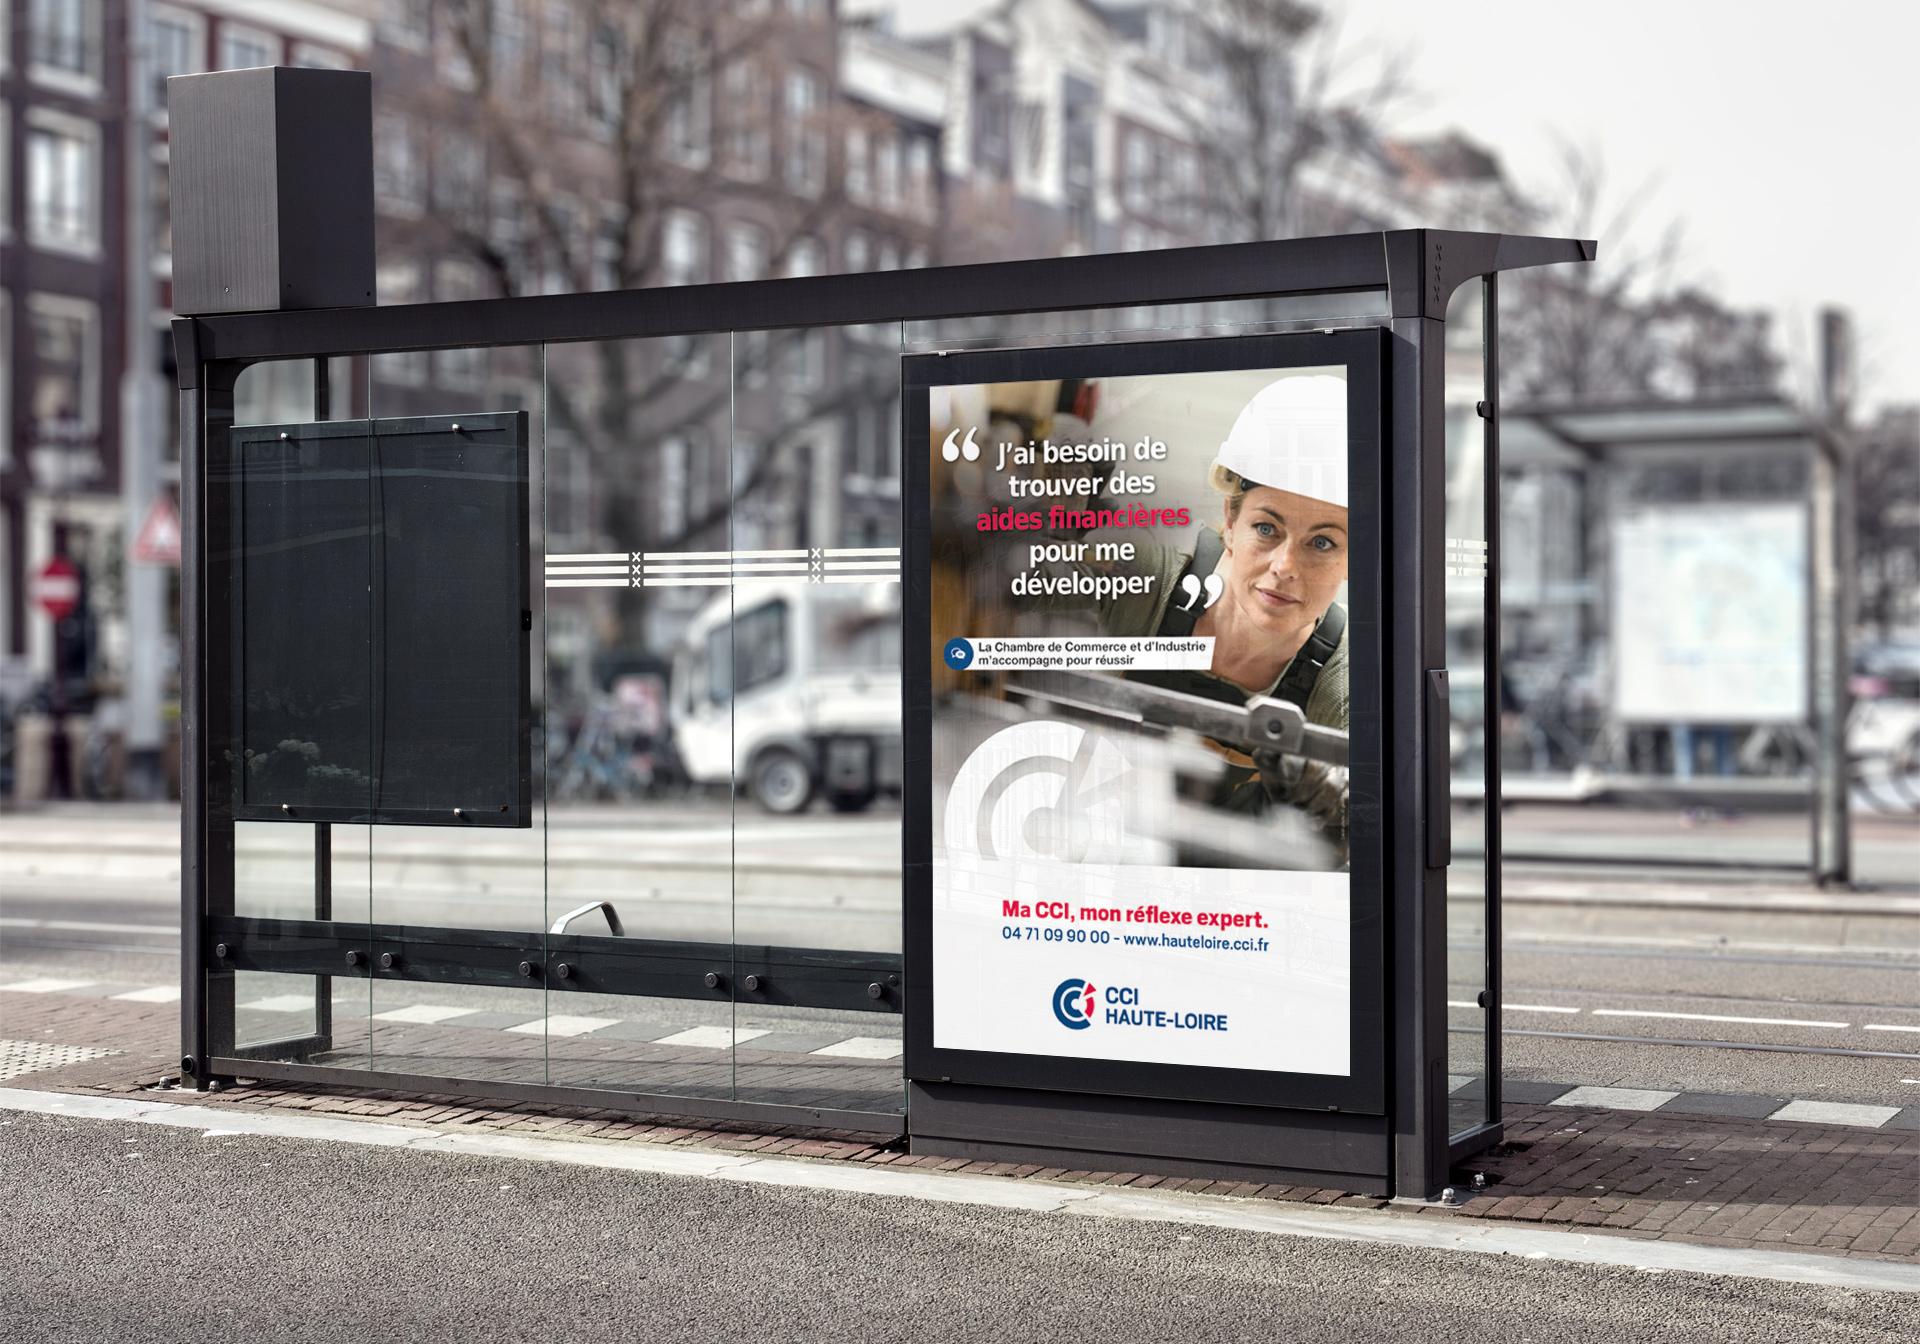 Création de la campagne de communication CCI par l'agence studio N°3